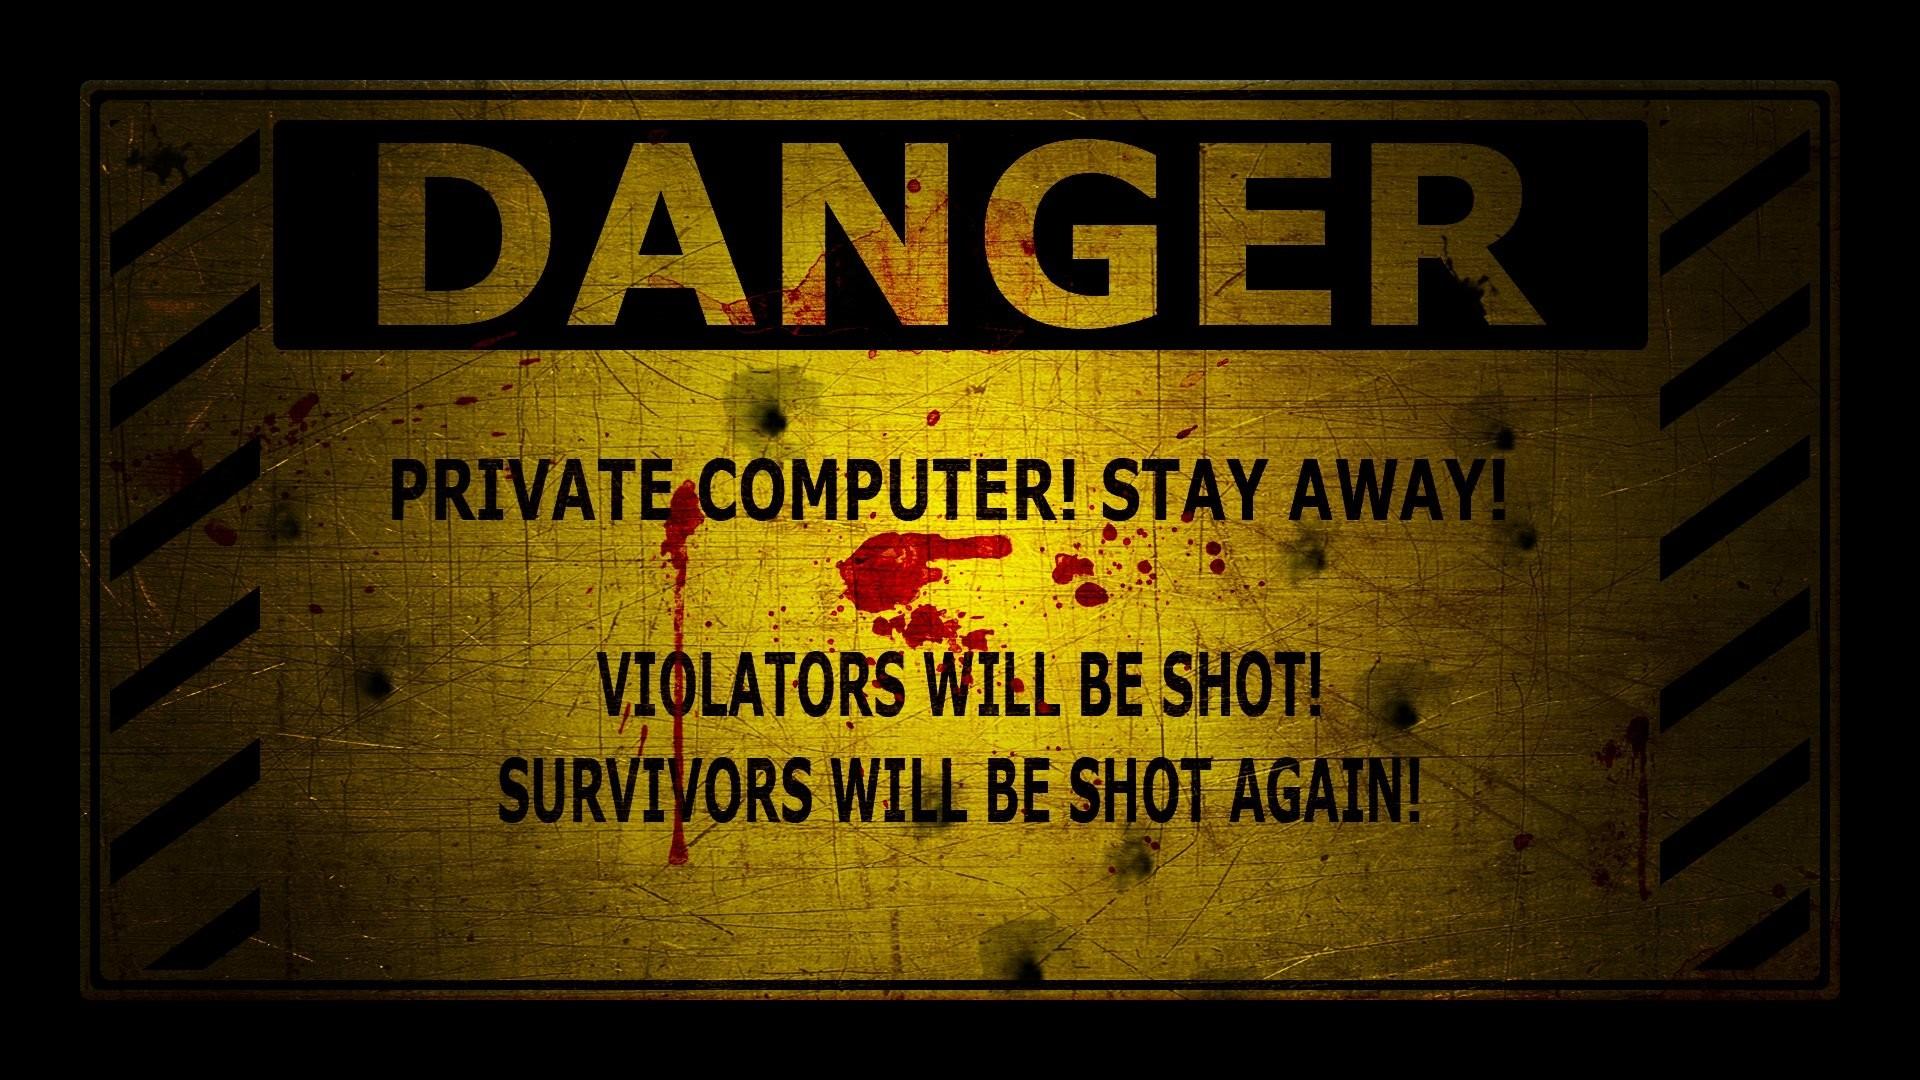 Danger wallpaper image